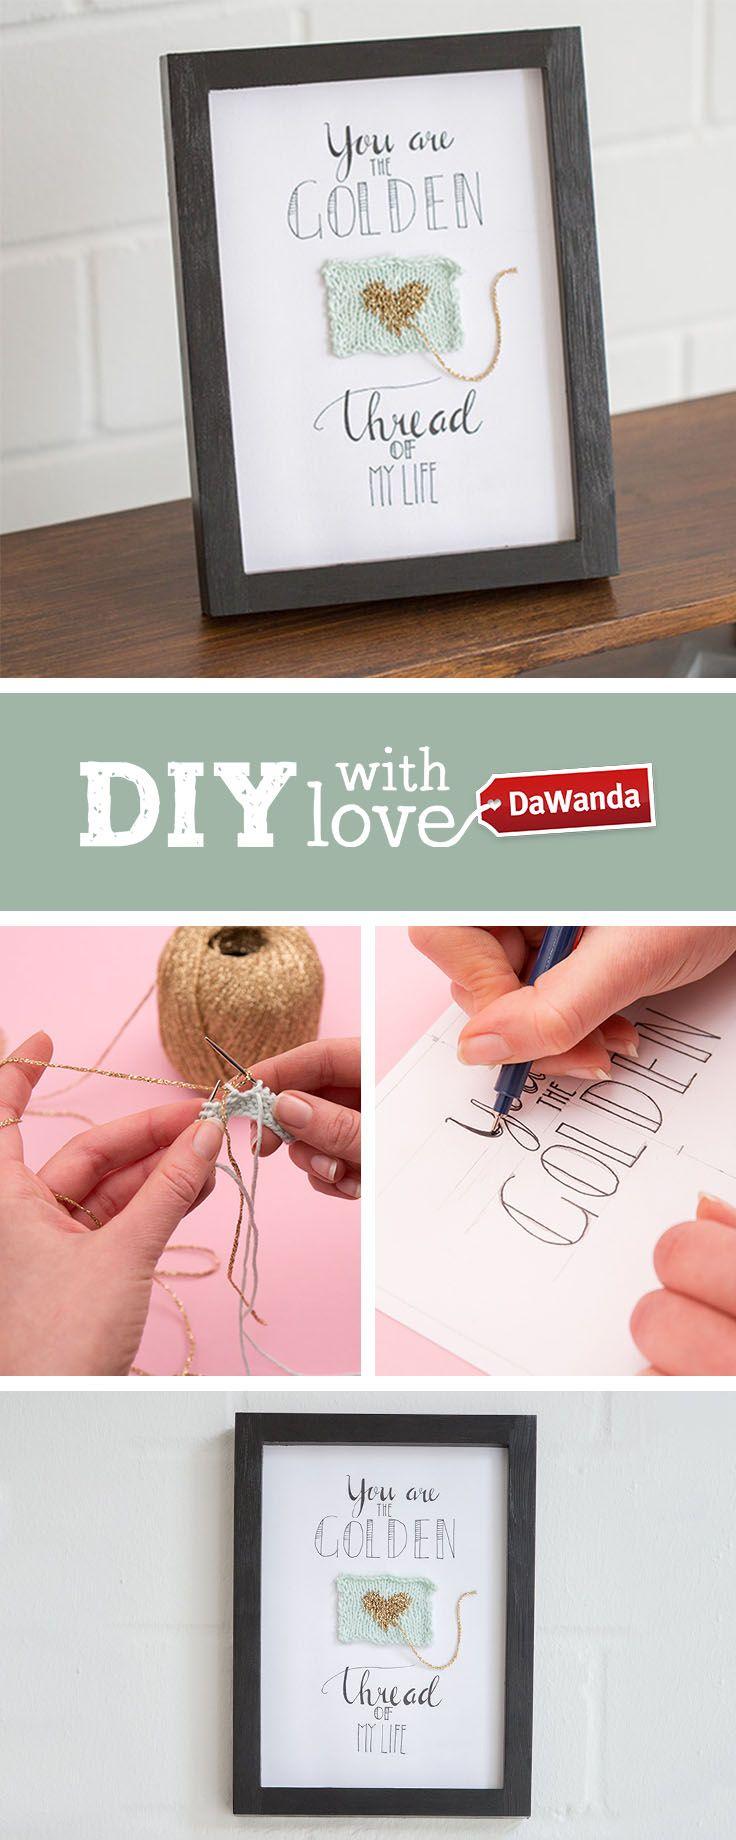 Connaissez-vous le lettering ? On vous montre comment faire une jolie création caligraphiée, dans notre tutoriel DIY <3 Sur DaWanda.com !  #diy #lettering #caligraphie #dowhatmakesyouhappy